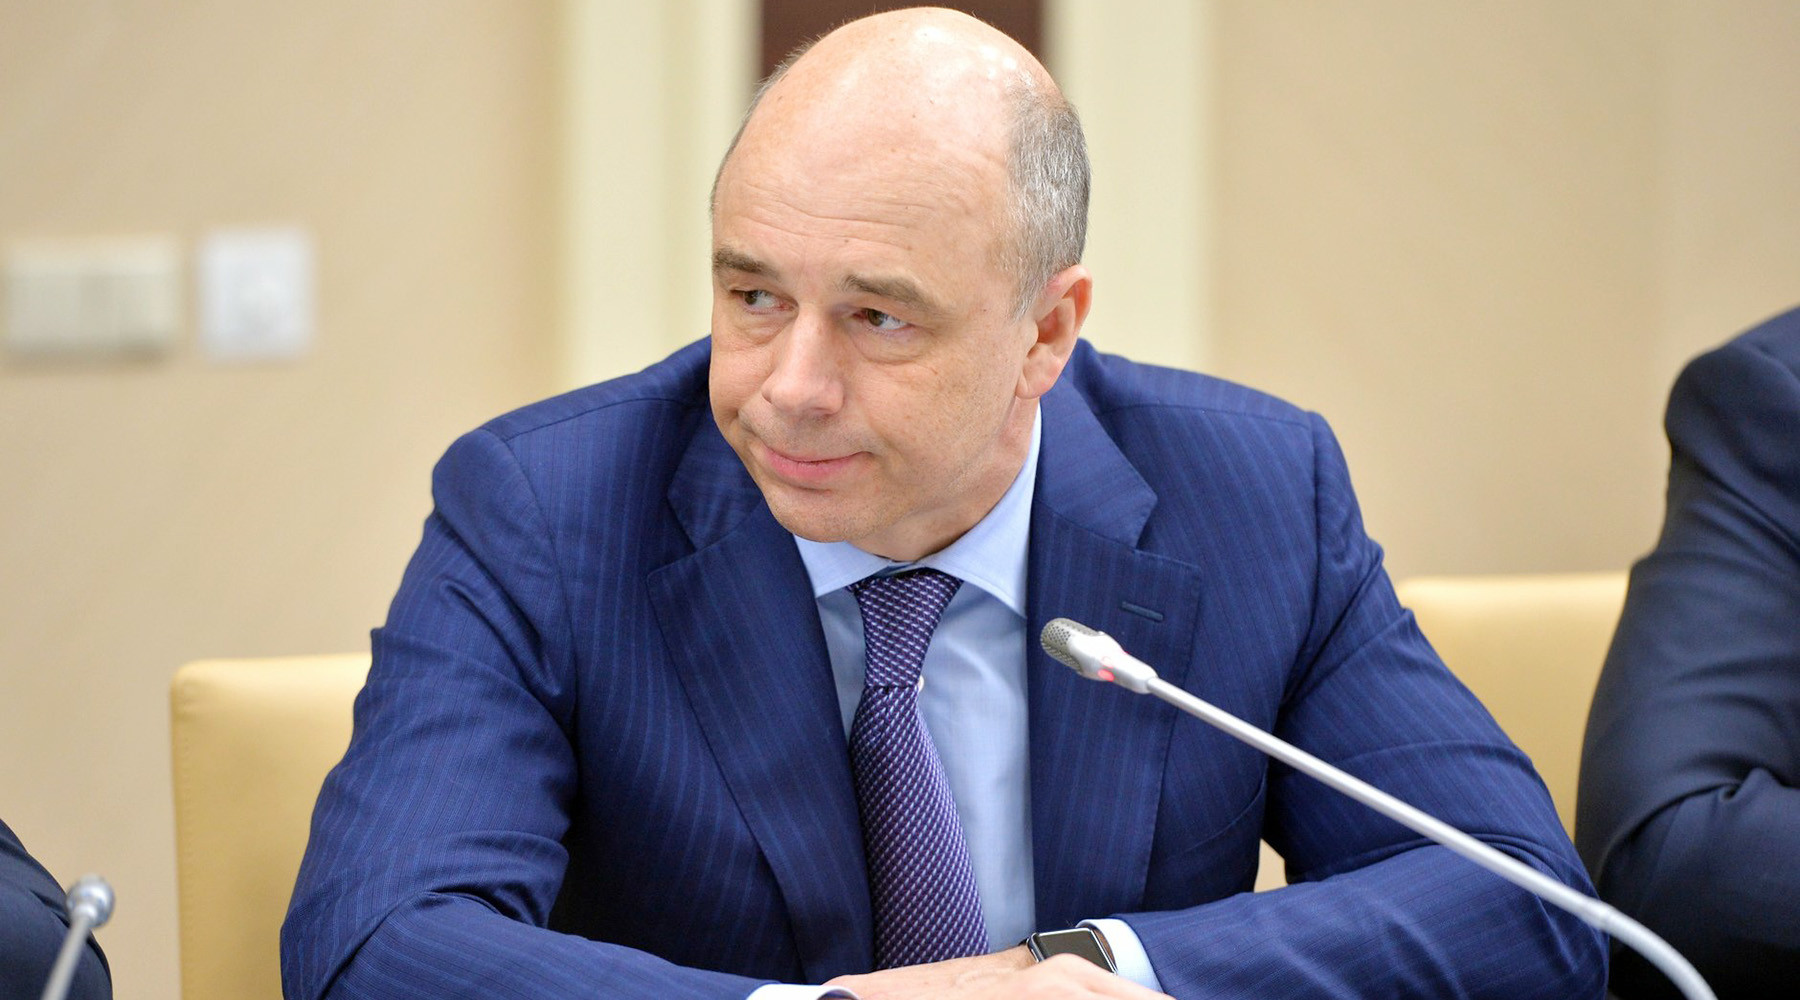 Порошенко вОдесской области дал старт врачебной реформе